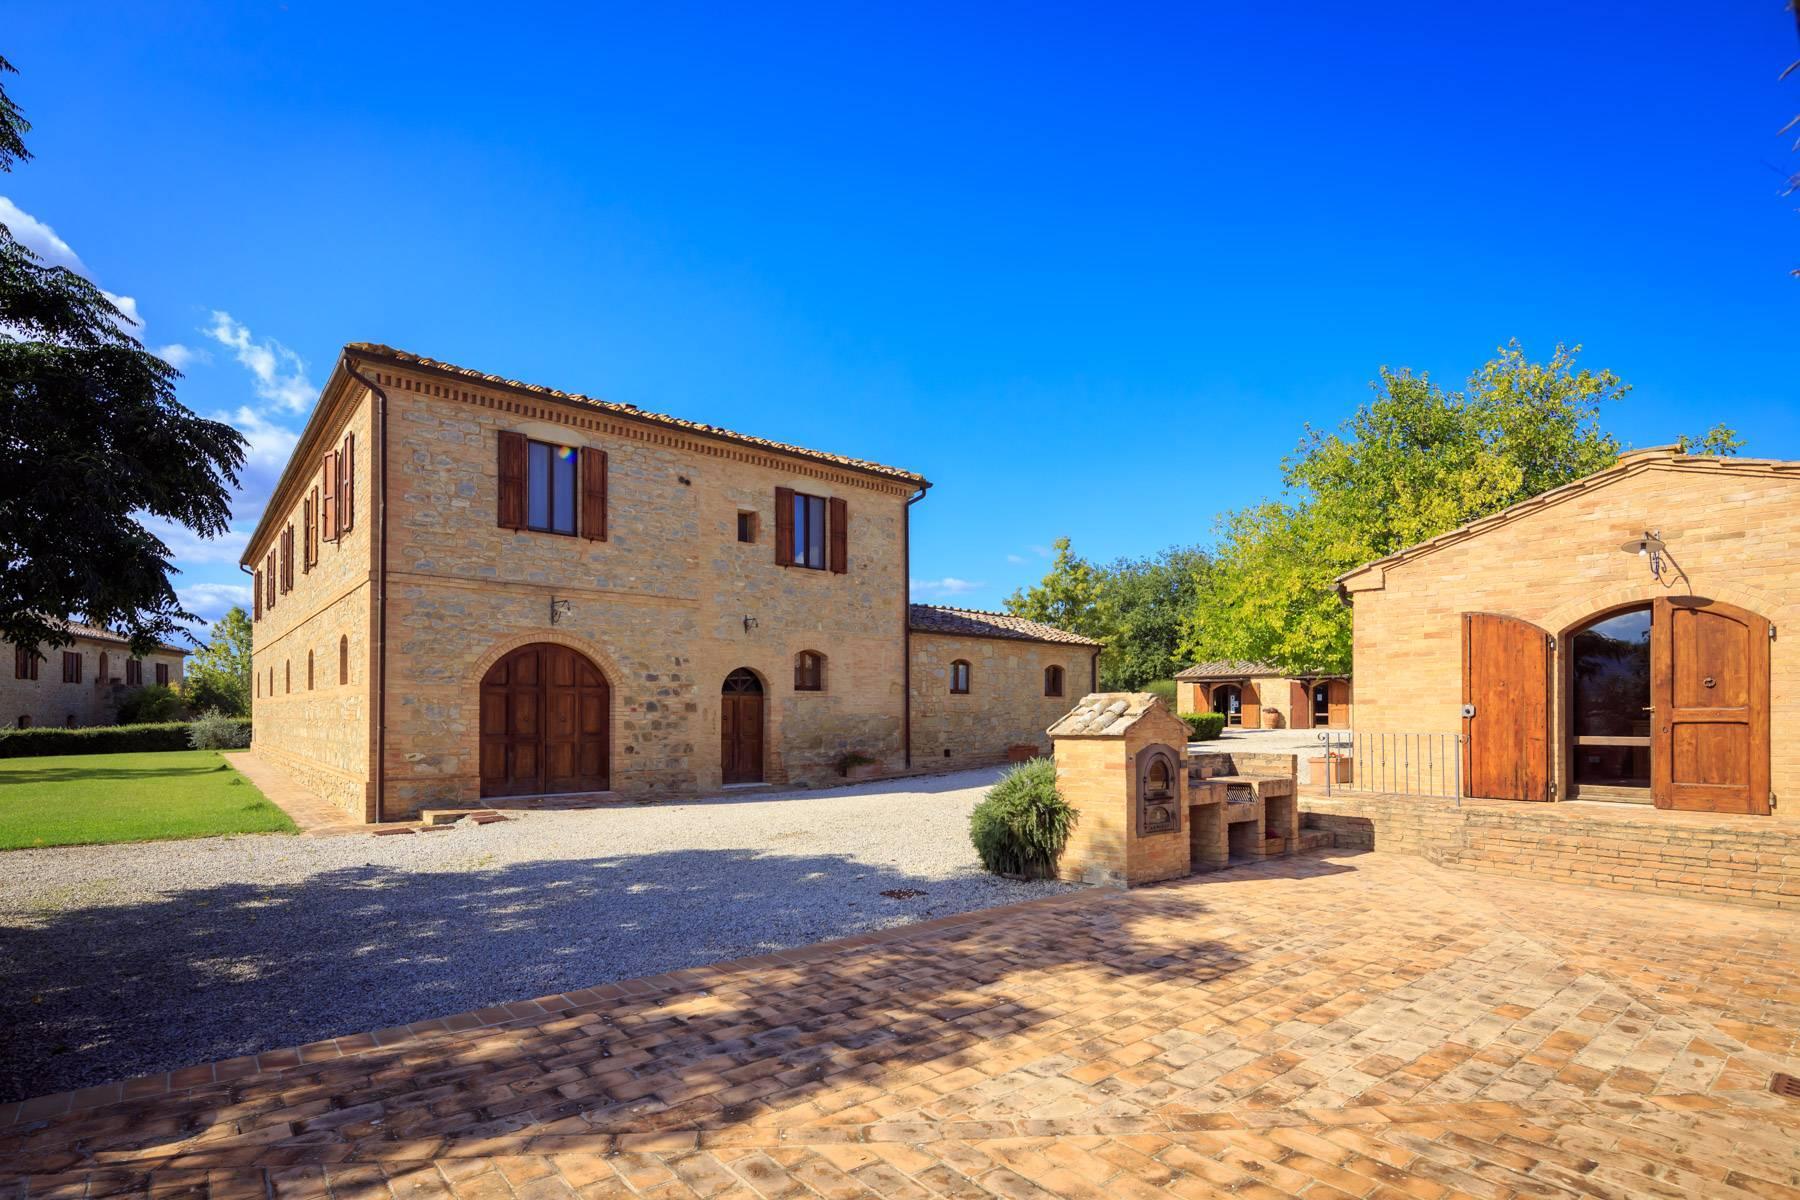 Exklusives Anwesen in der Nähe von Siena - 6